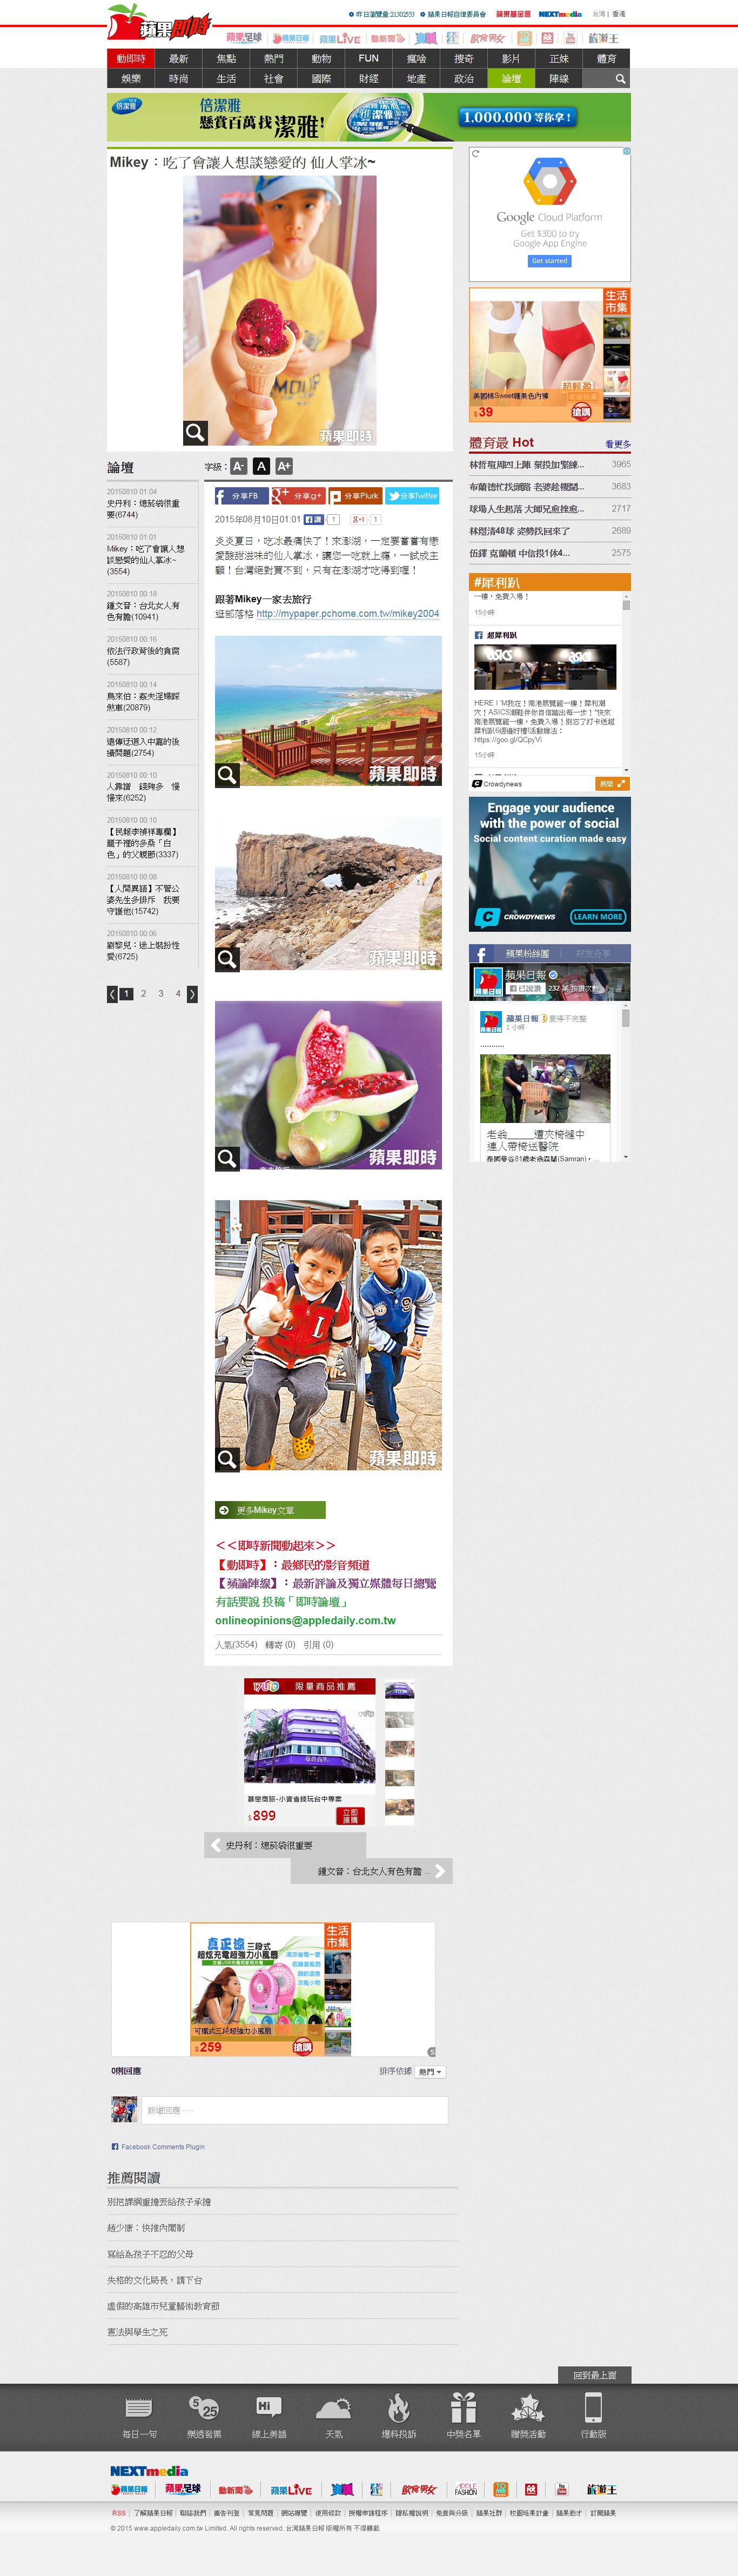 跟著 Mikey 一家去旅行 - 【 媒體露出 】爽報 - 部落夯客 - 『 吃了會讓人想談戀愛的 仙人掌冰~ 』